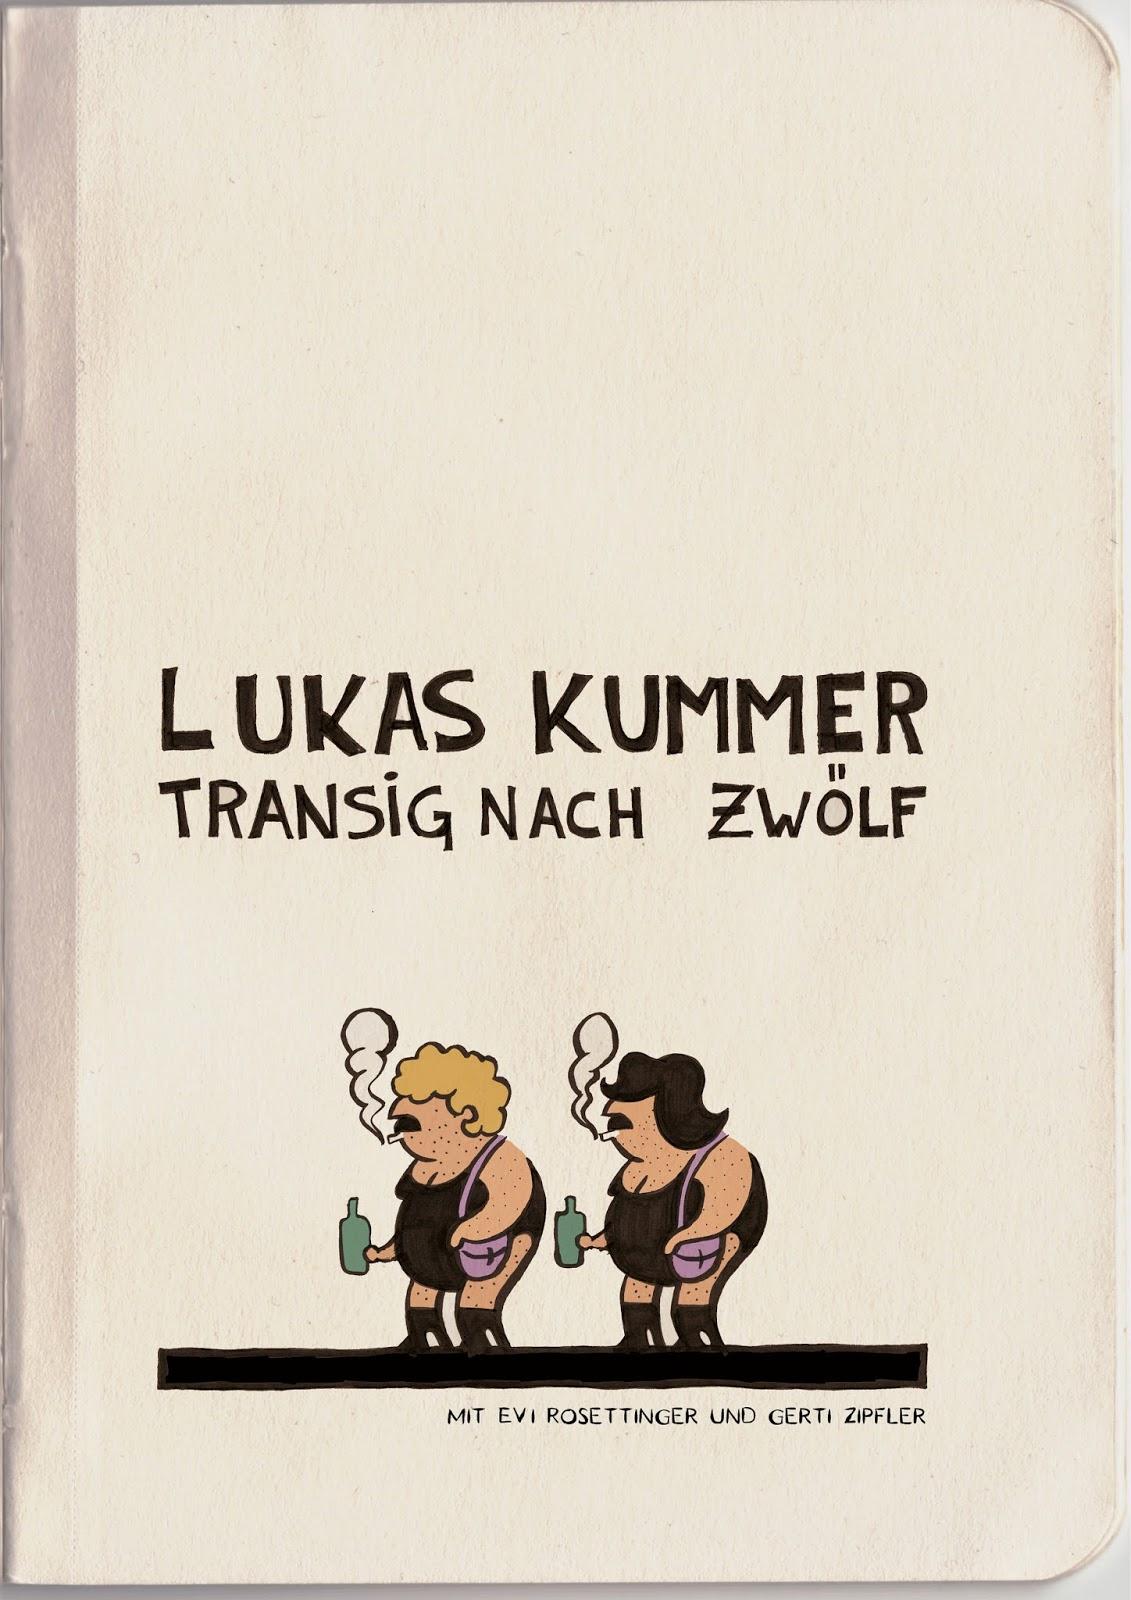 trans, gender, comic, humor, jpeg